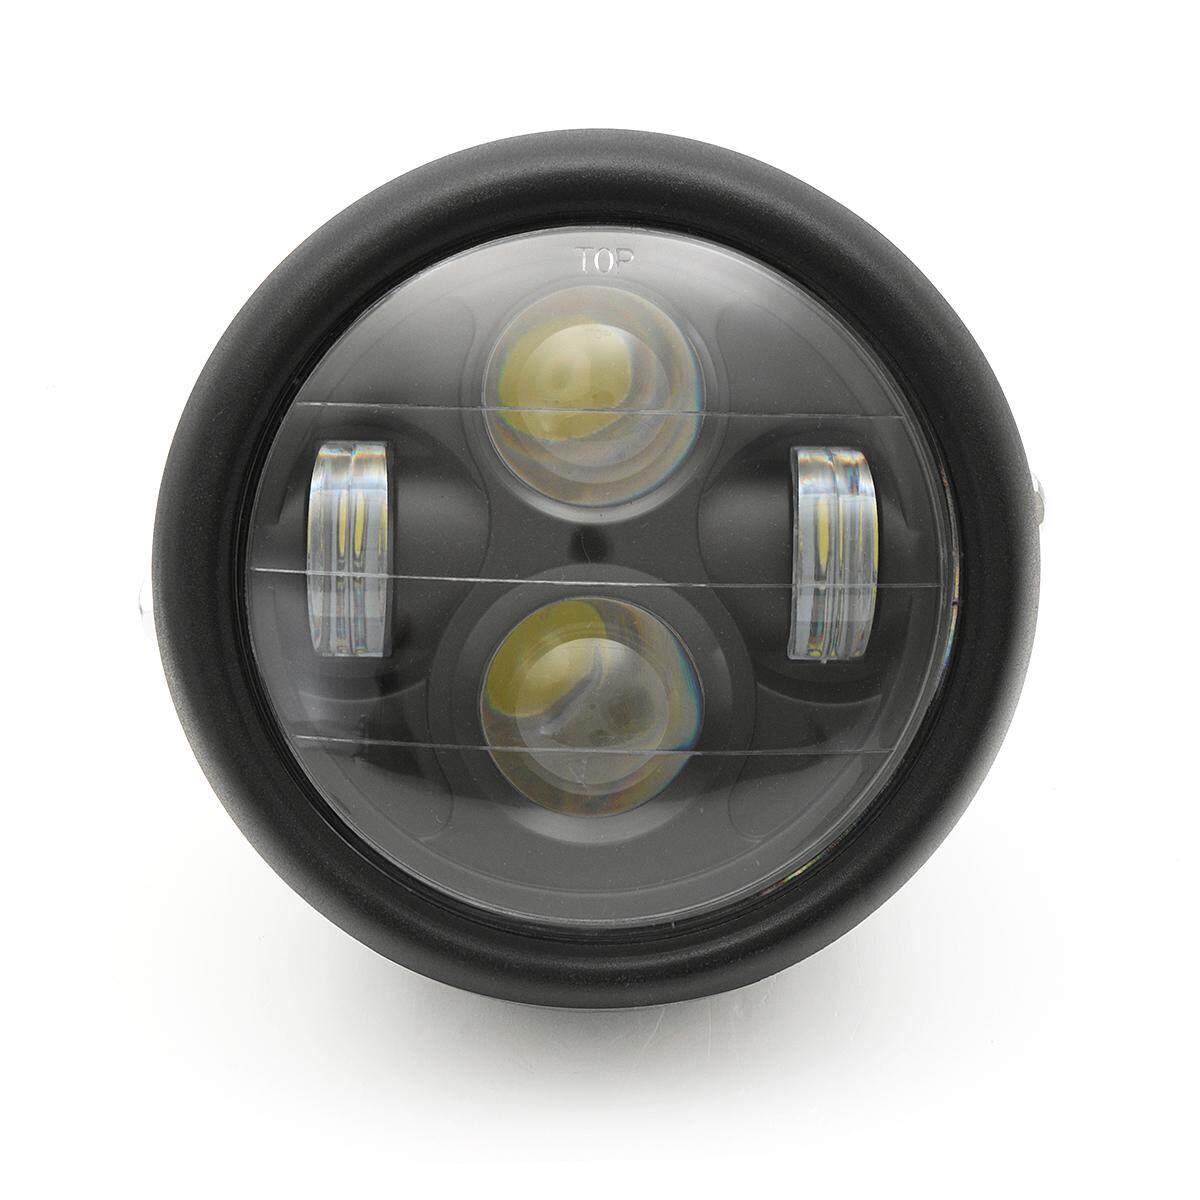 Sepeda Motor Hitam Daymaker Proyektor LED Bohlam Lampu Depan untuk Harley (Hitam)-Intl